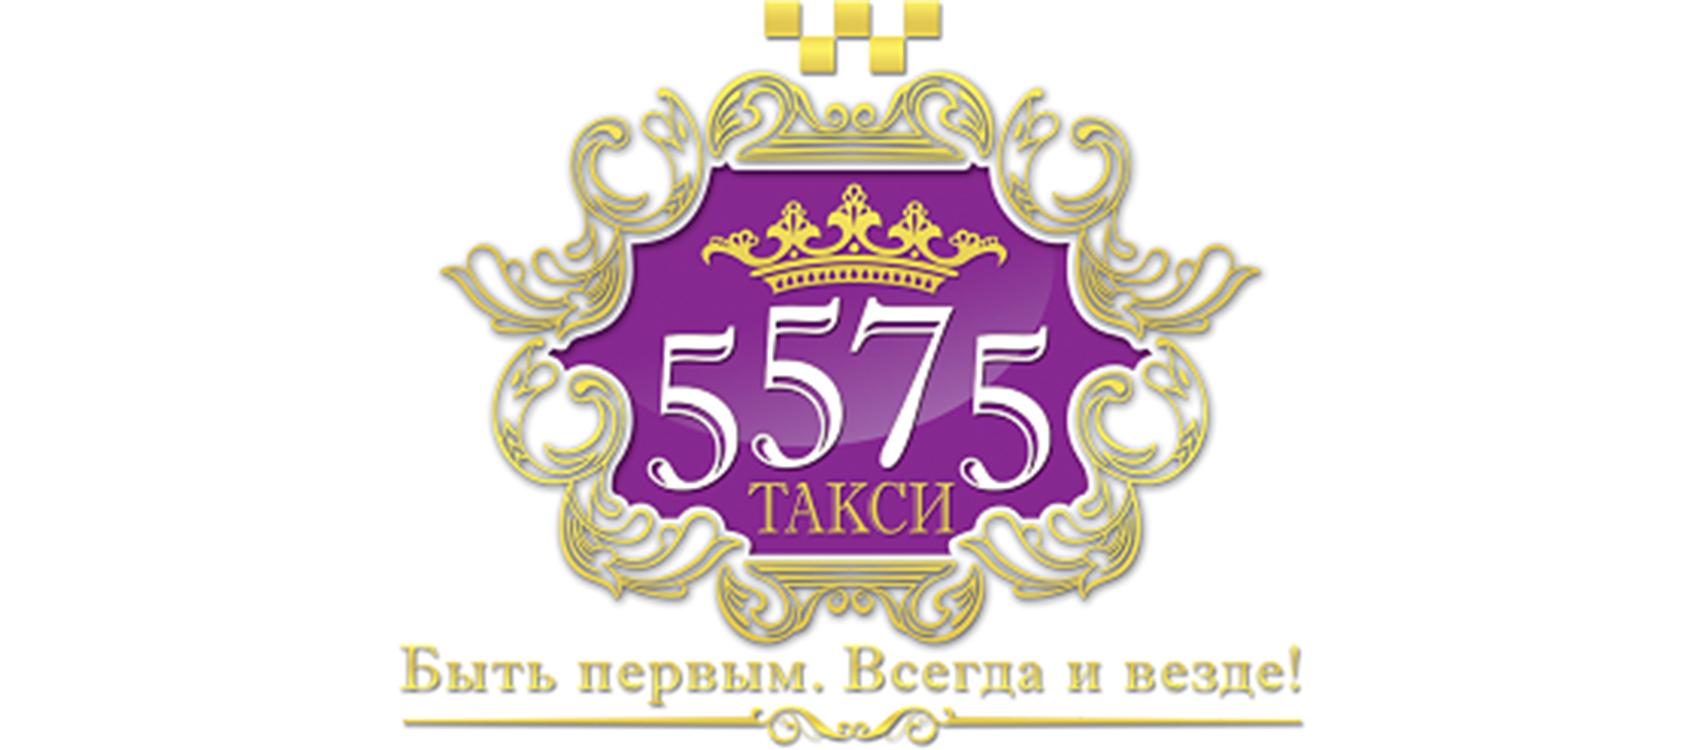 Таксі 5575 (Одесса)